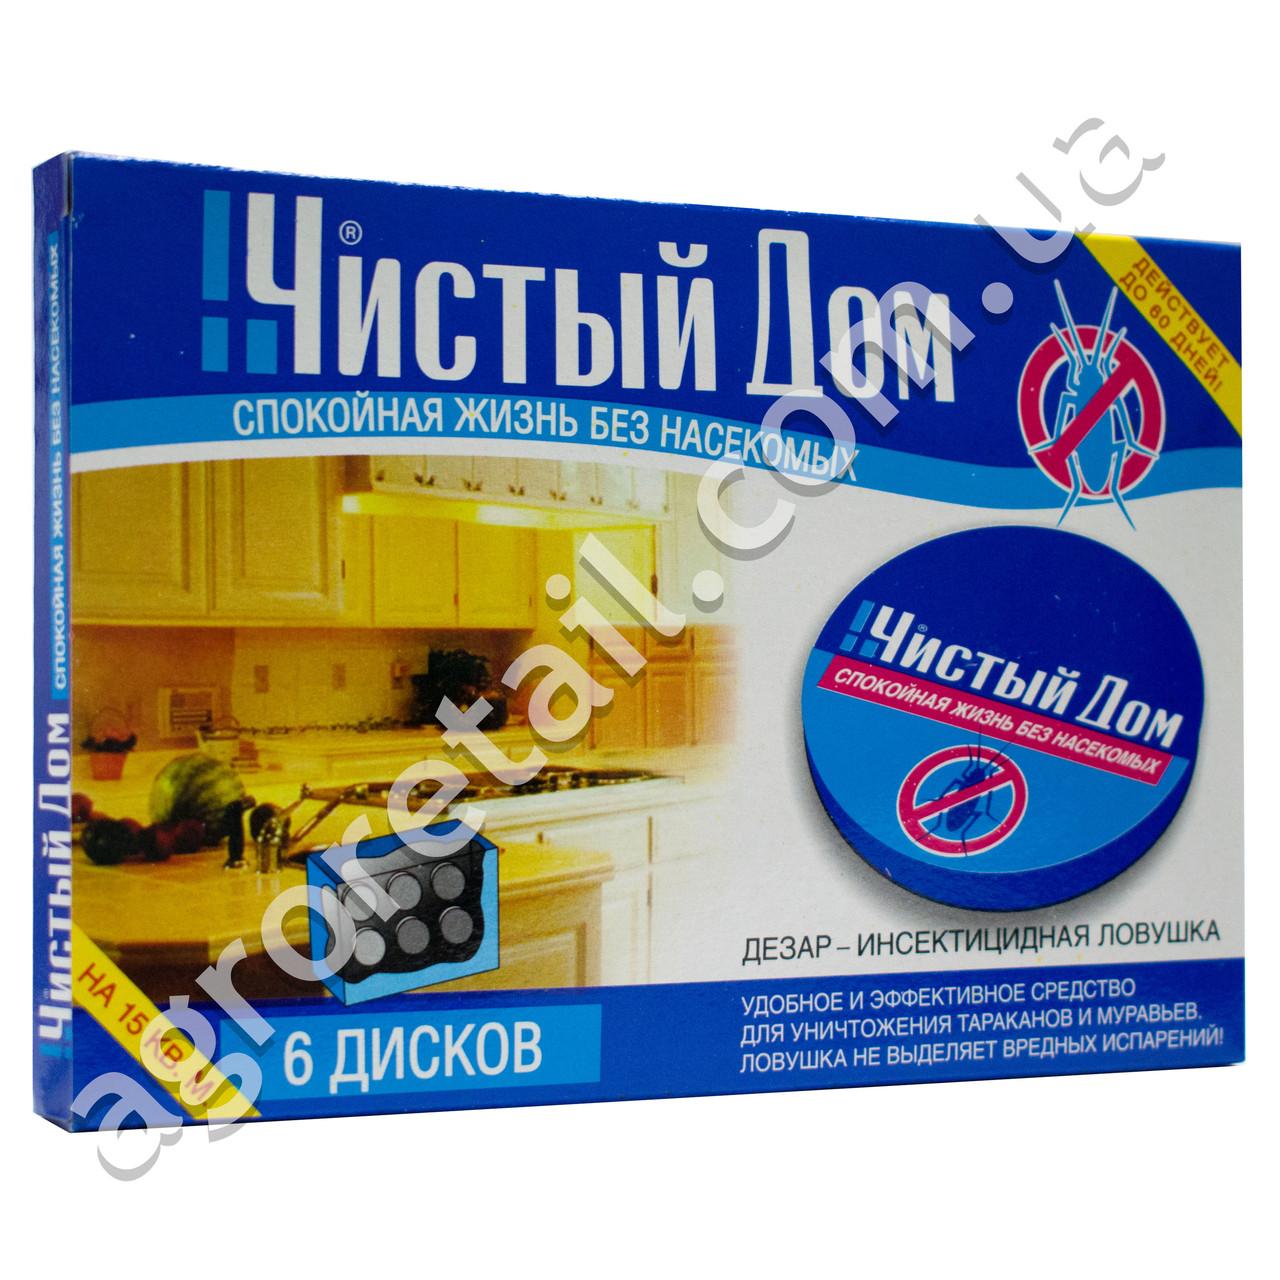 Ловушка для тараканов и муравьев Чистый Дом 6 дисков